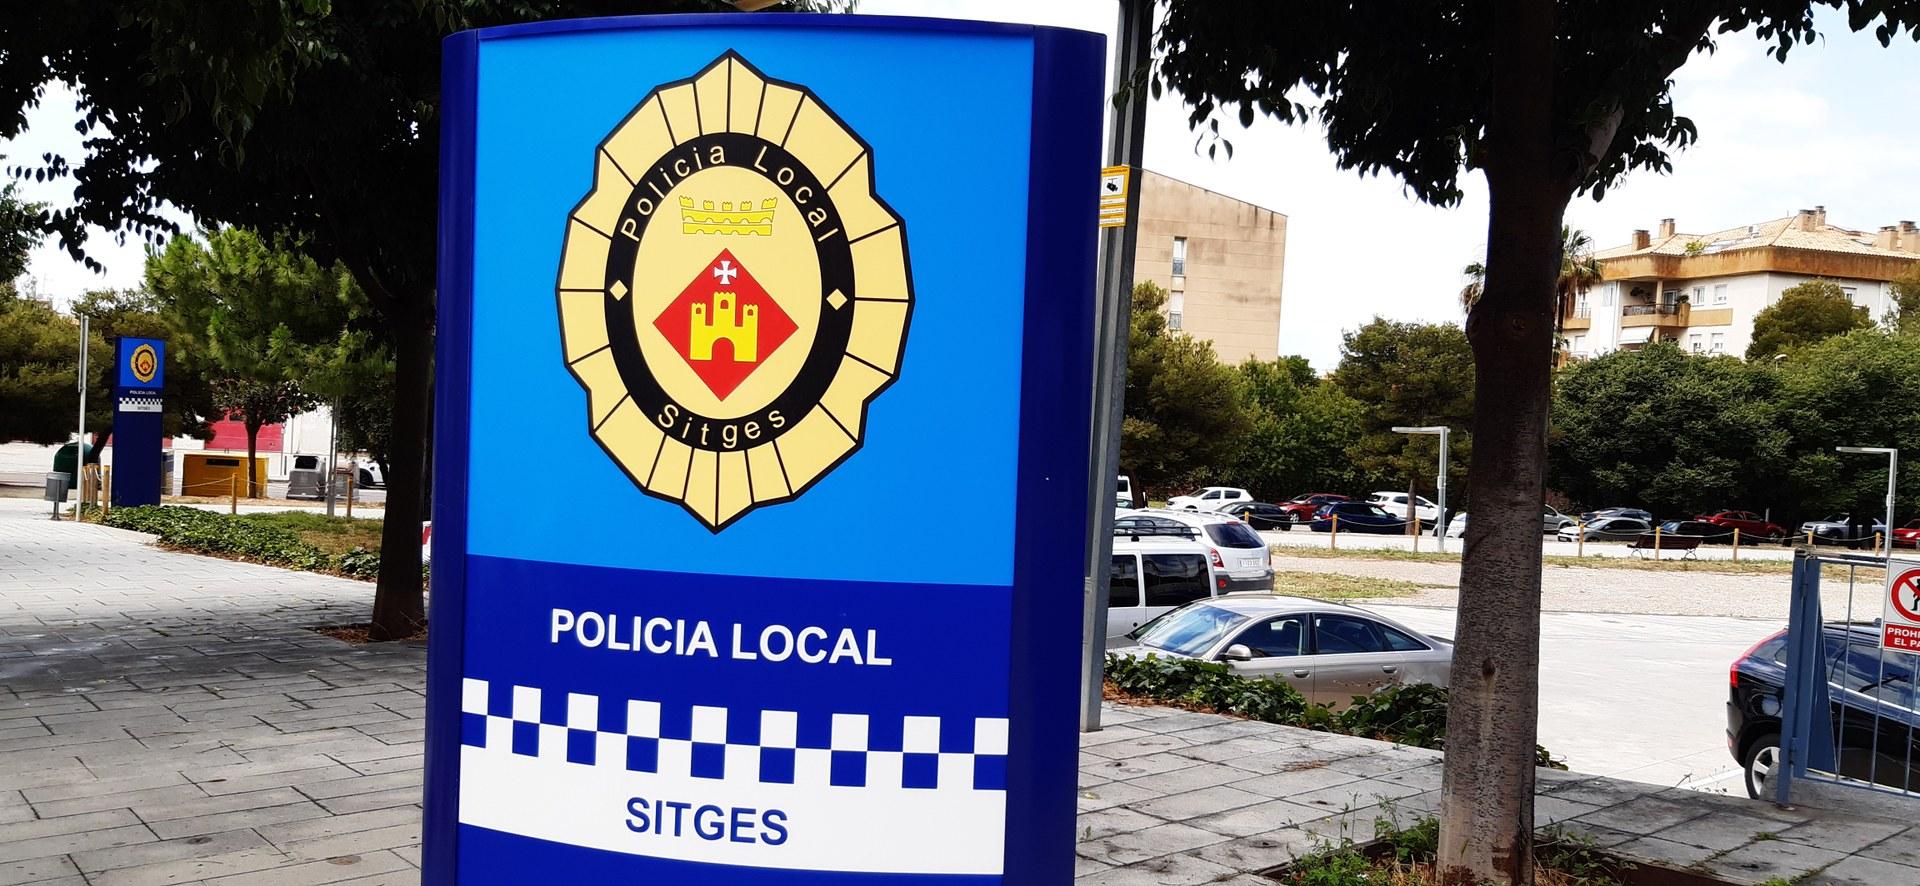 La Policia Local sanciona 81 persones per incompliment de les mesures sanitàries